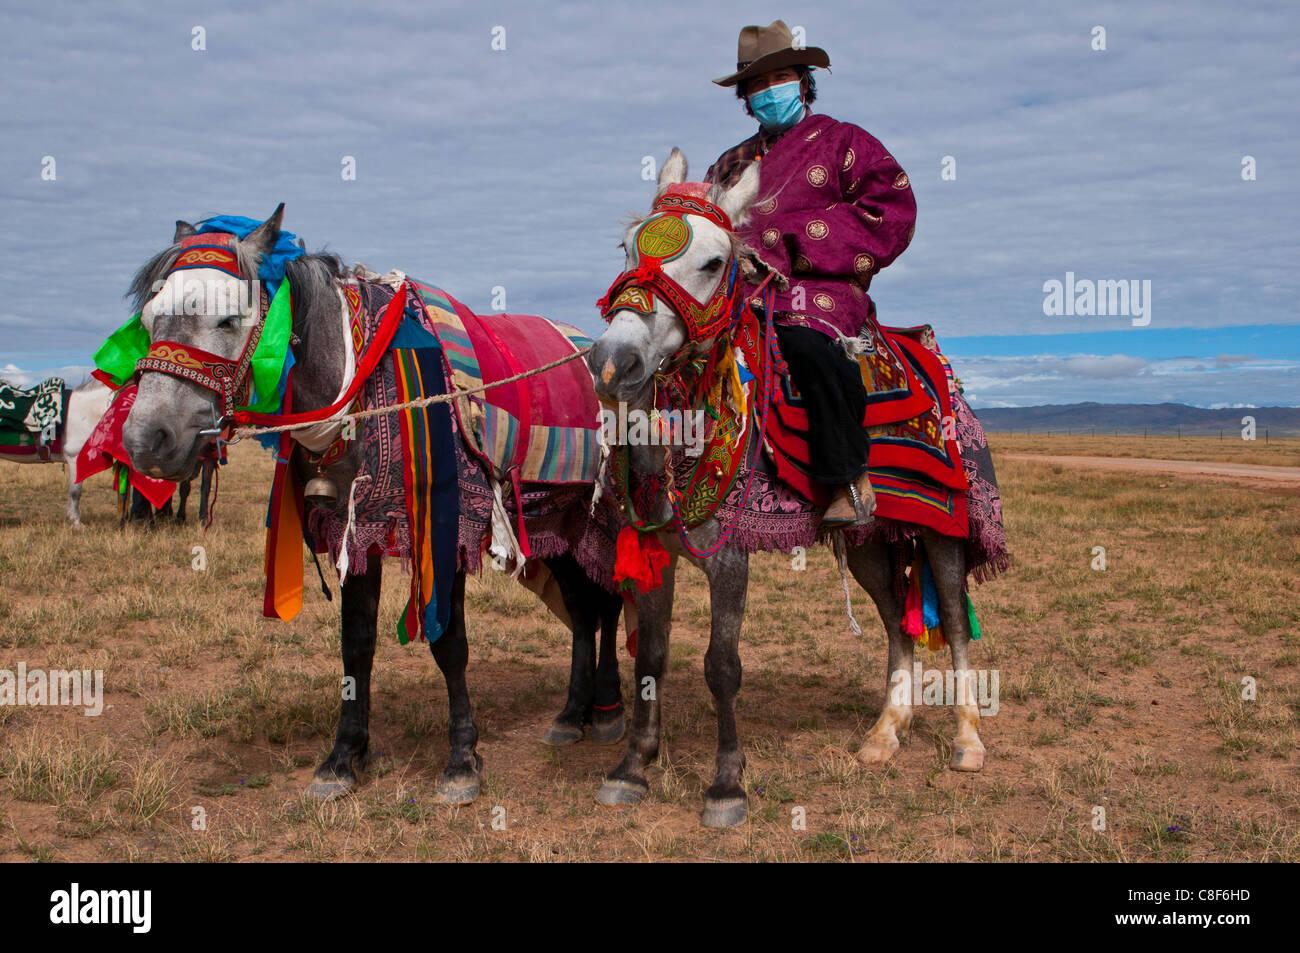 Jinete en caballo colorfuly vestida en la estepa del oeste de Tíbet, China Imagen De Stock